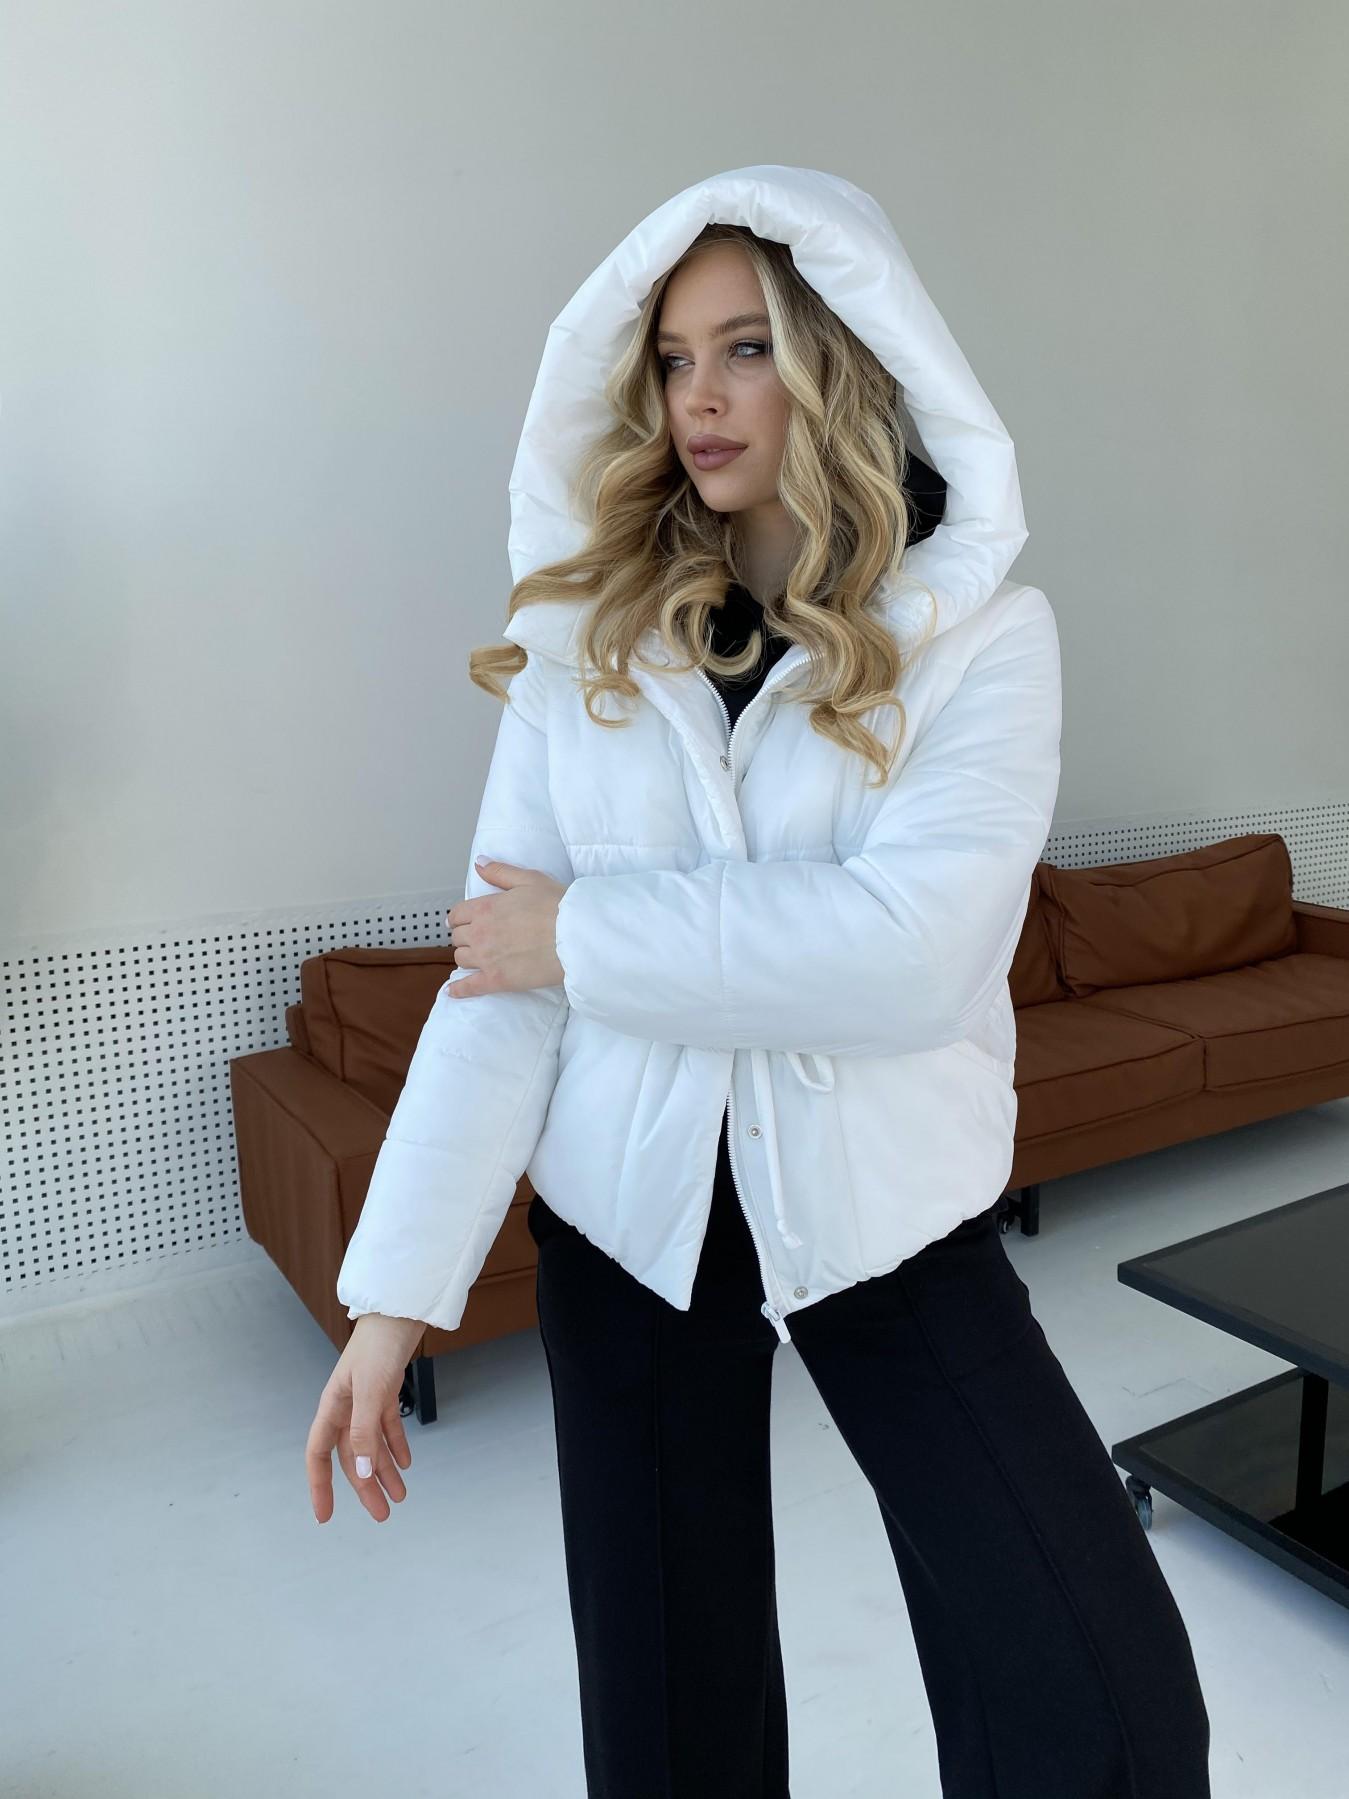 Пино куртка из плащевой ткани 10489 АРТ. 47297 Цвет: Белый - фото 4, интернет магазин tm-modus.ru